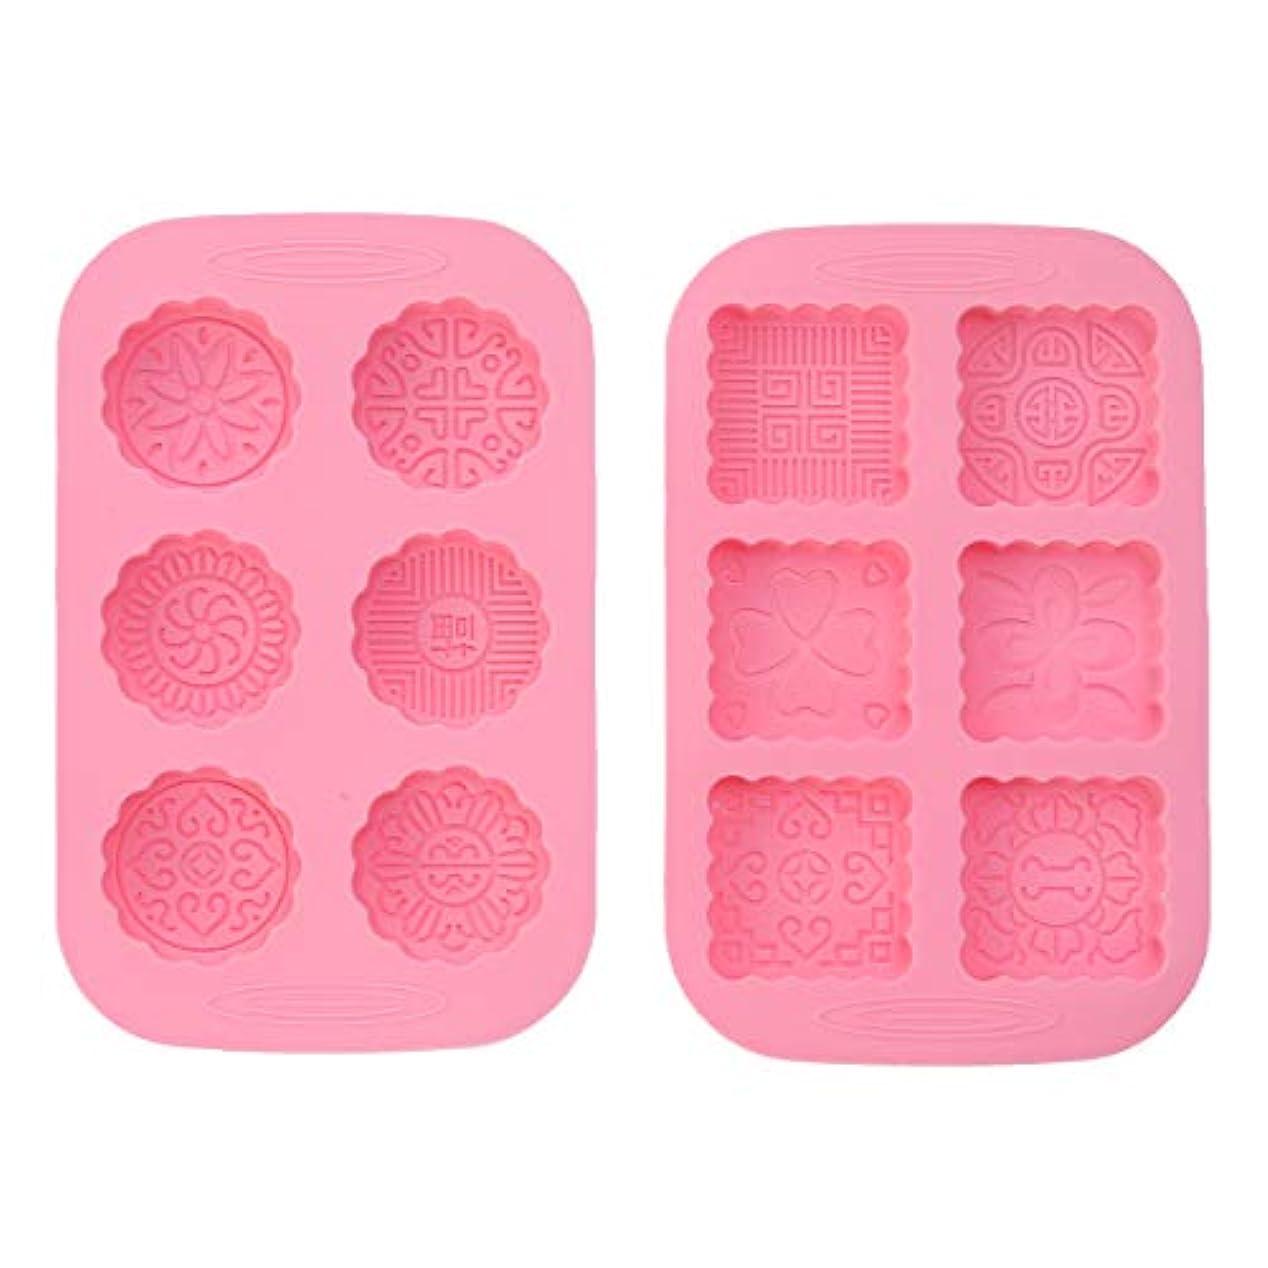 SUPVOX 2本シリコンケーキマフィンムーンケーキ型花型金型DIYフォンダンショコラキャンディ金型アイスゼリーソープキューブトレイ(ピンク)